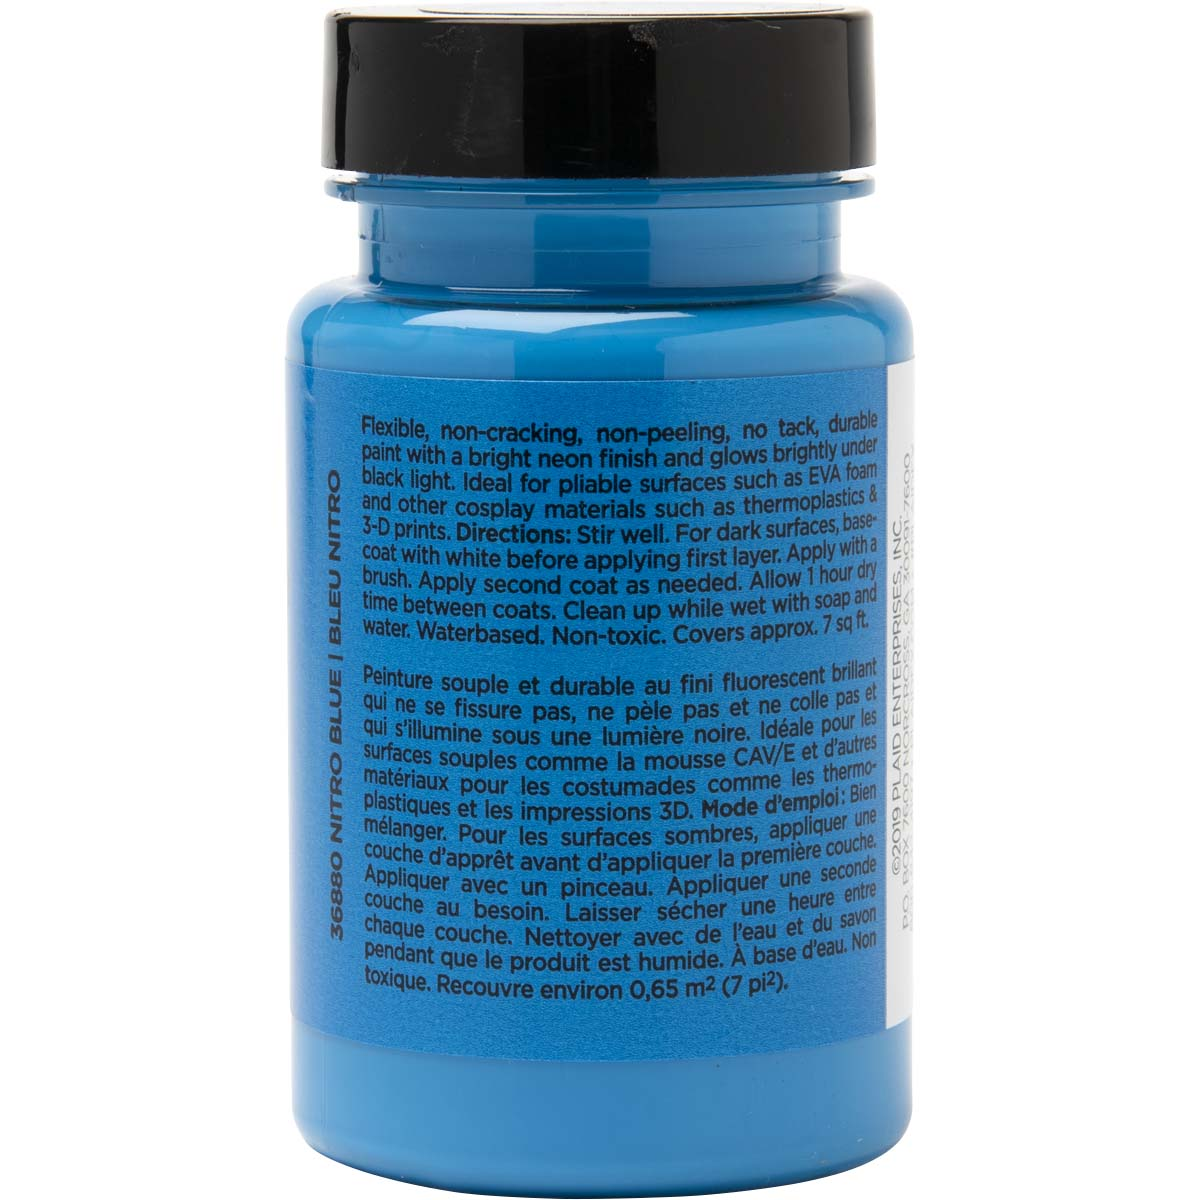 PlaidFX Nuclear Neon Flexible Acrylic Paint - Nitro Blue, 3 oz. - 36880